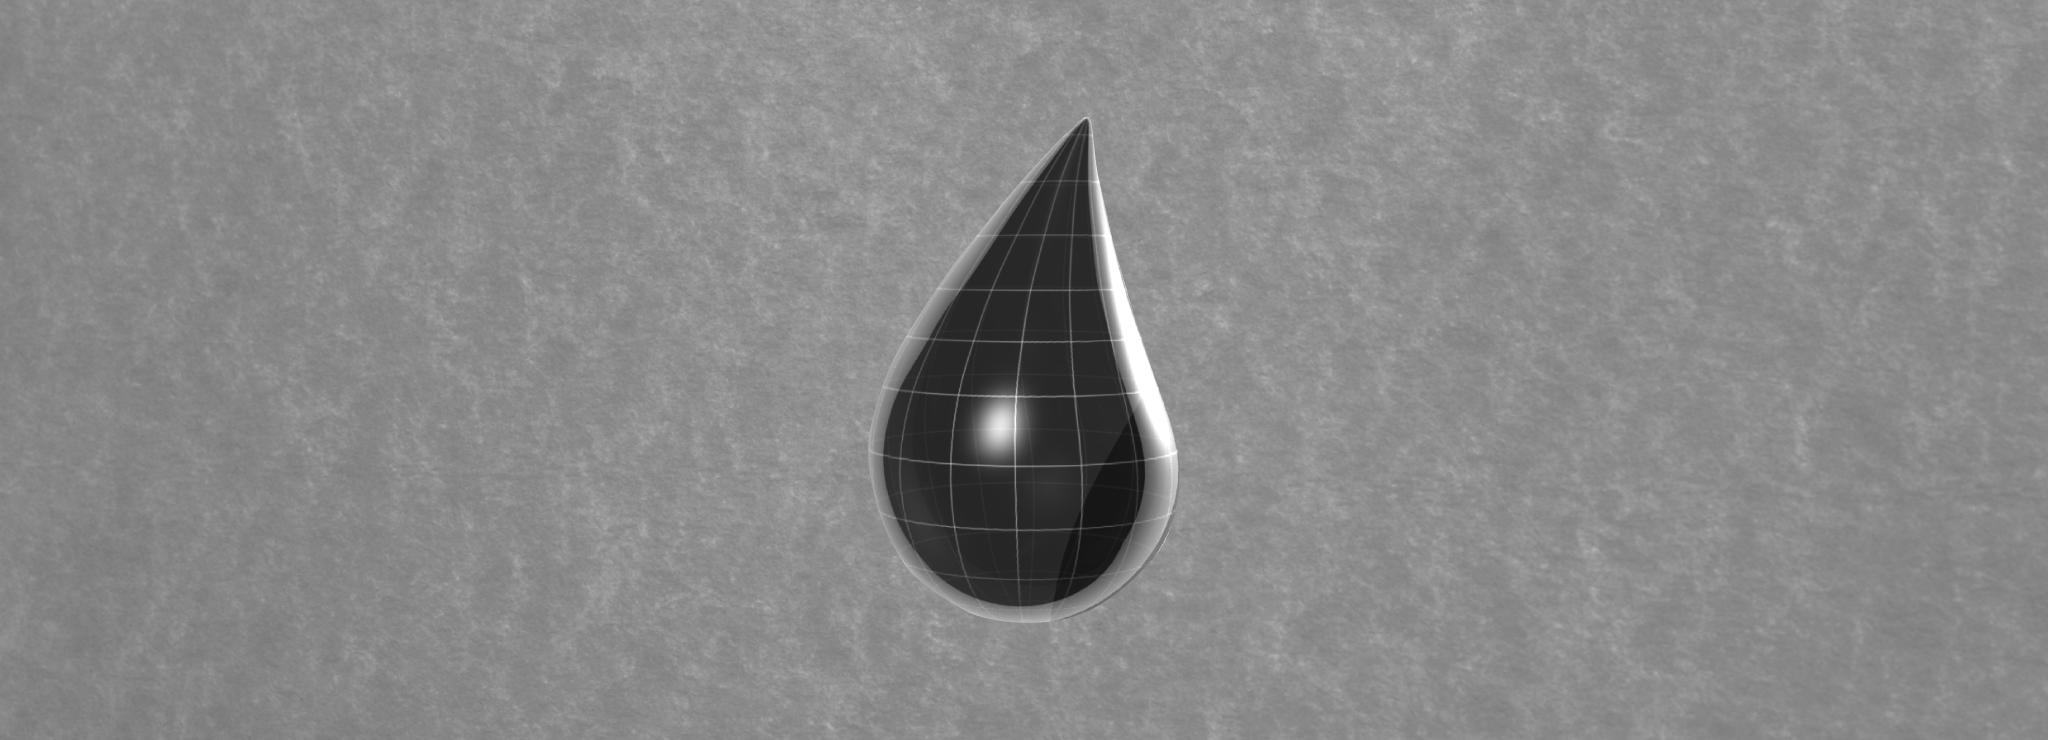 http://medialab.usal.es/wp-content/uploads/2016/05/Impresión-3D-cabecera-2.png